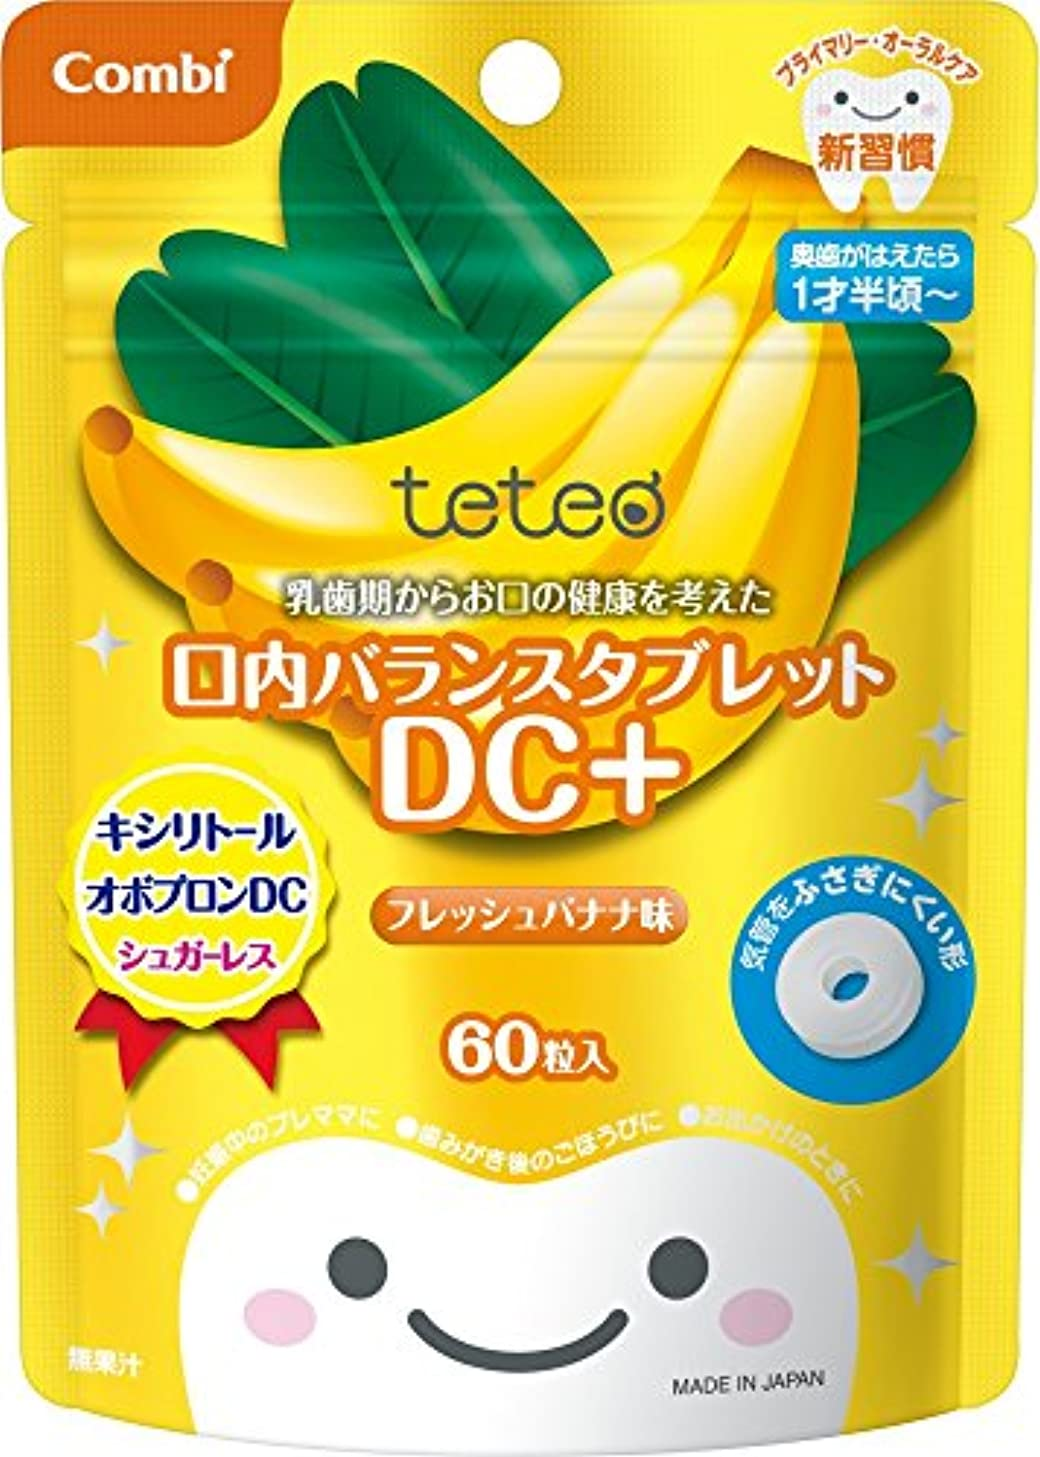 悪意のあるそれる同性愛者コンビ テテオ 乳歯期からお口の健康を考えた口内バランスタブレット DC+ フレッシュバナナ味 60粒 【対象月齢:1才半頃~】